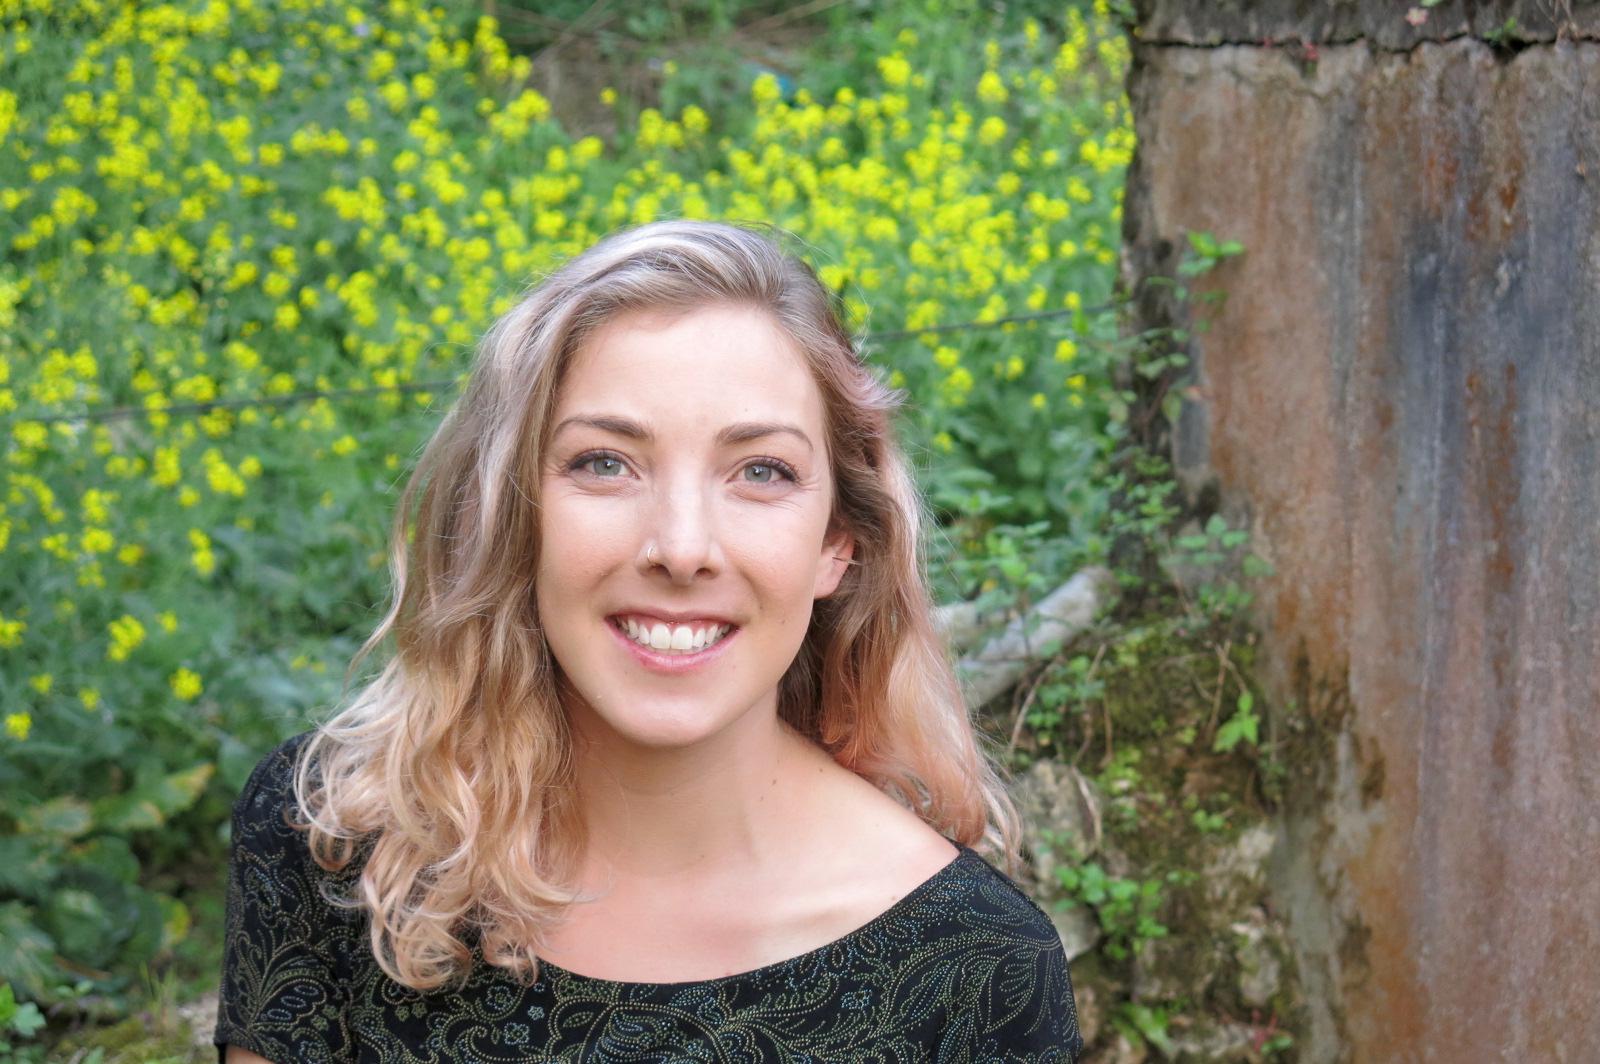 Megan McCullough